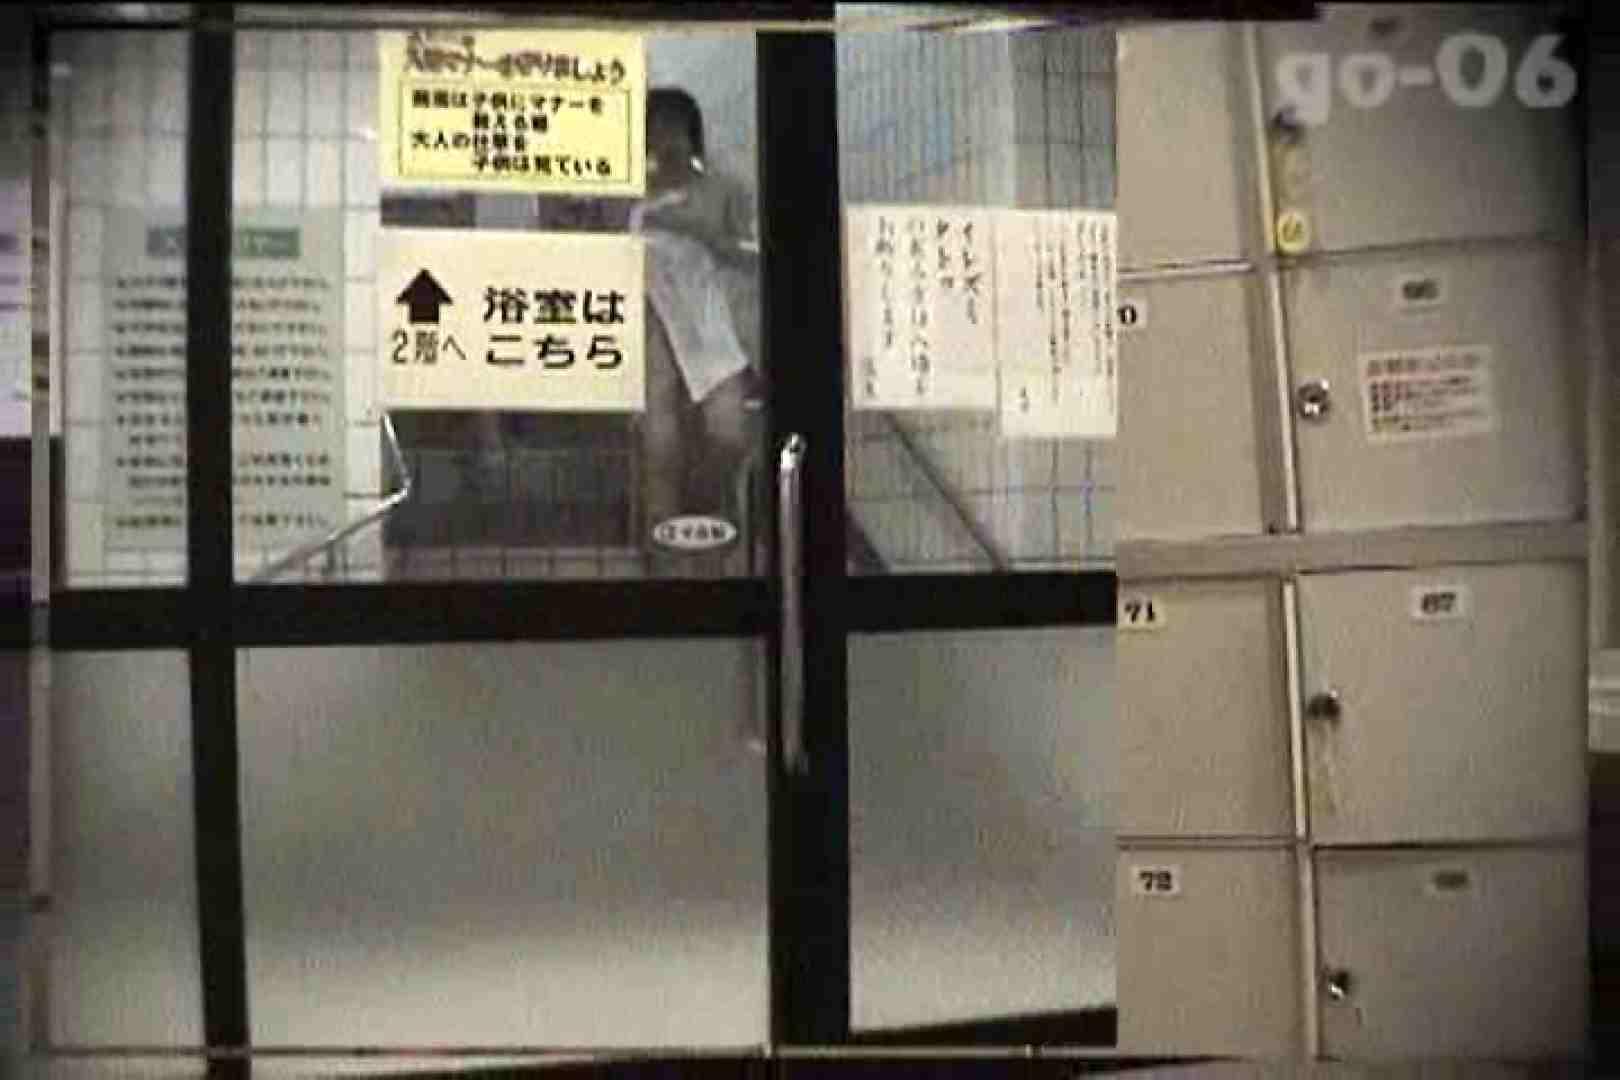 電波カメラ設置浴場からの防HAN映像 Vol.06 盗撮・必見 オマンコ無修正動画無料 106画像 76